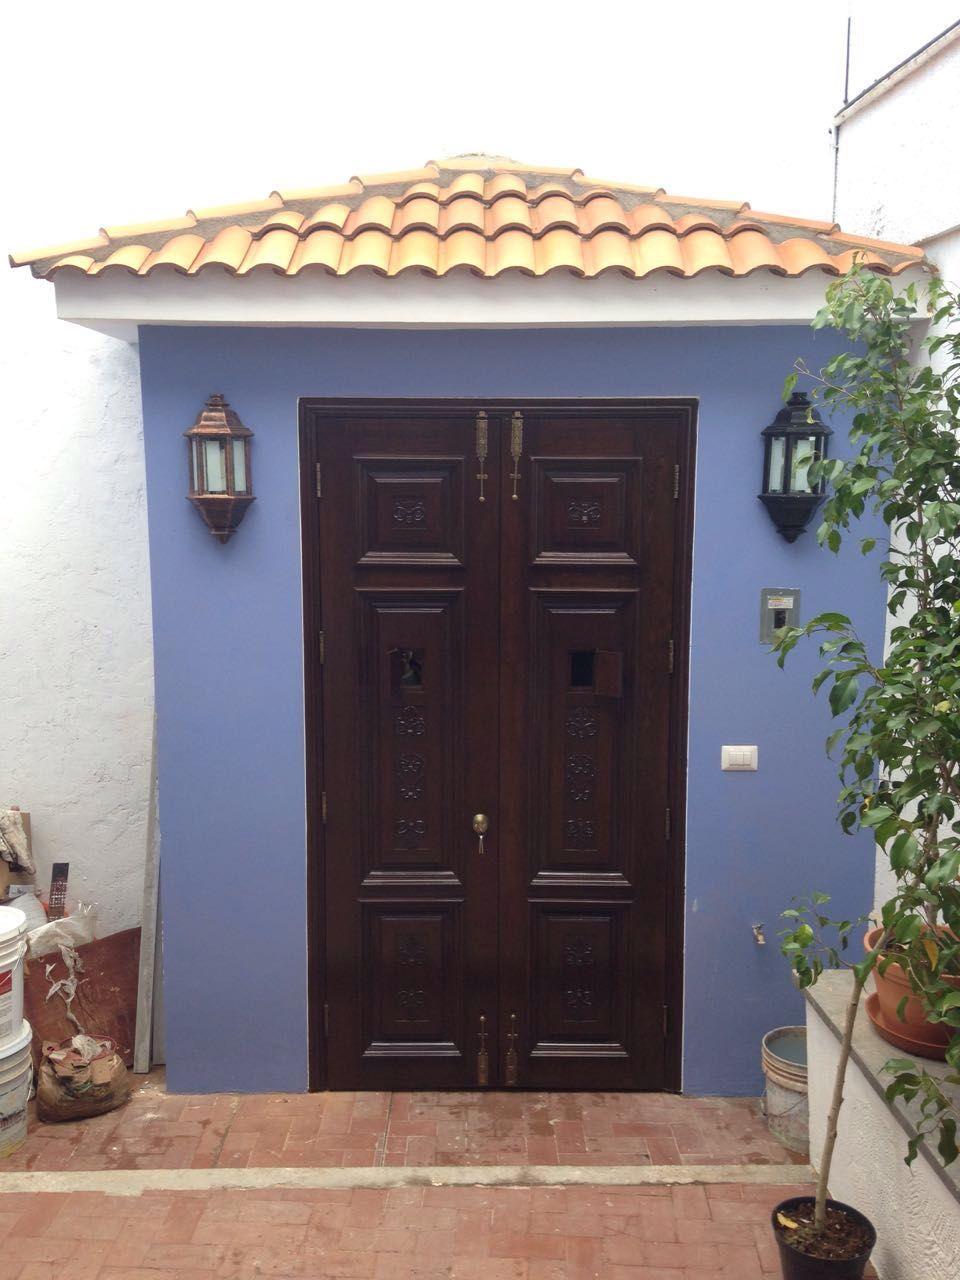 Puertas nauman de madera solida de pino acabado en barniz for Puertas color pino